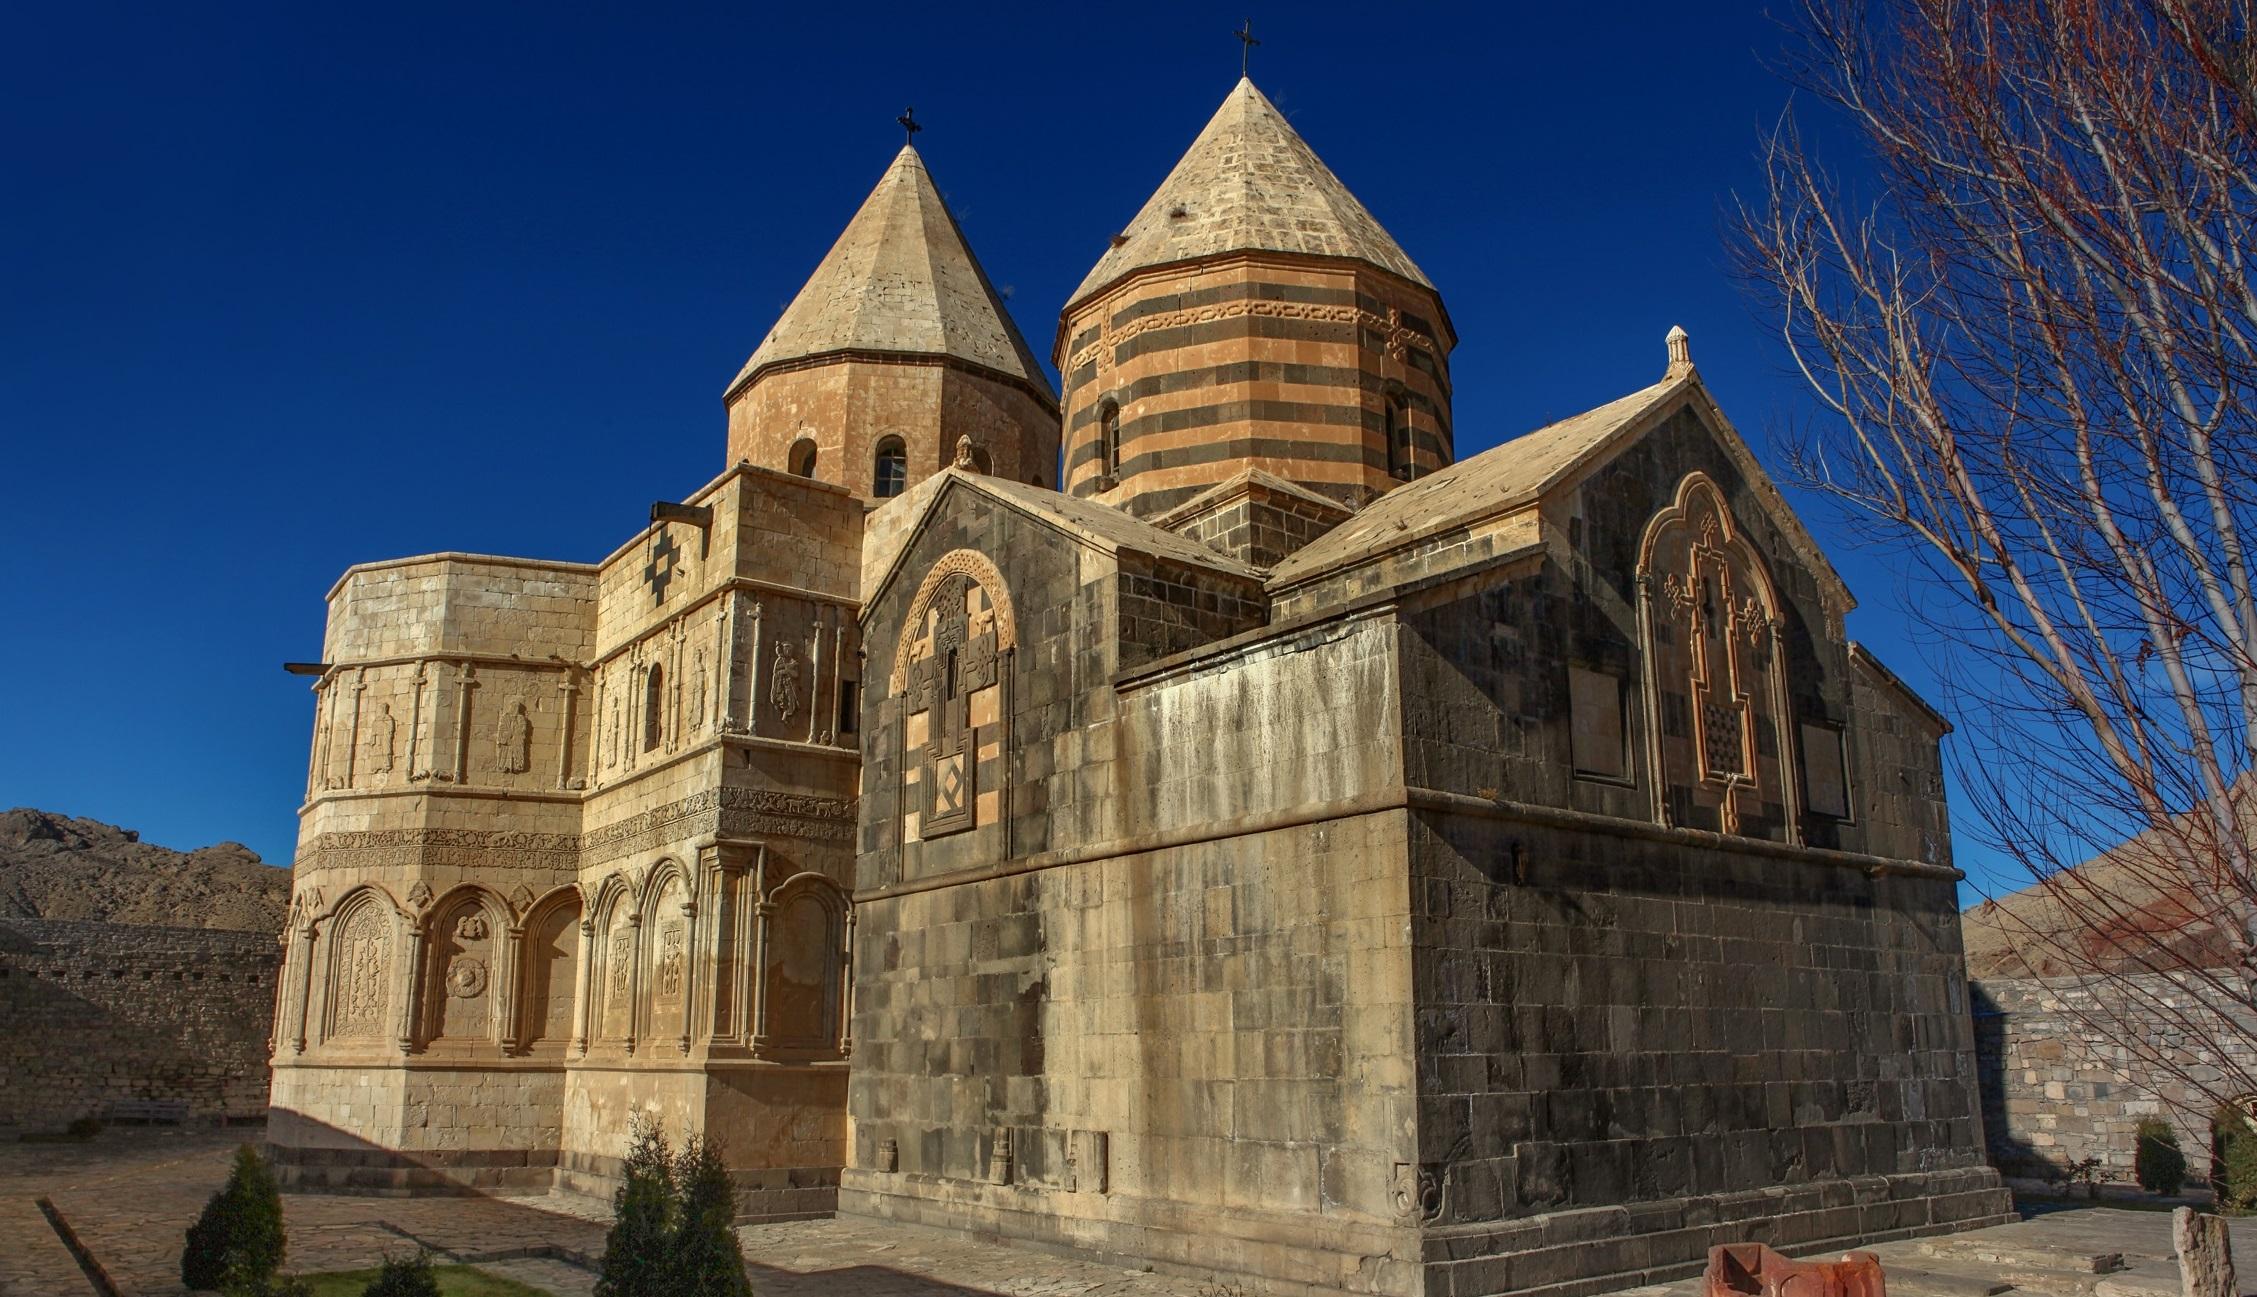 کلیسا 1 - قره کلیسا ، اولین کلیسای جهان در آذربایجان غربی | St. Thaddeus Monastery